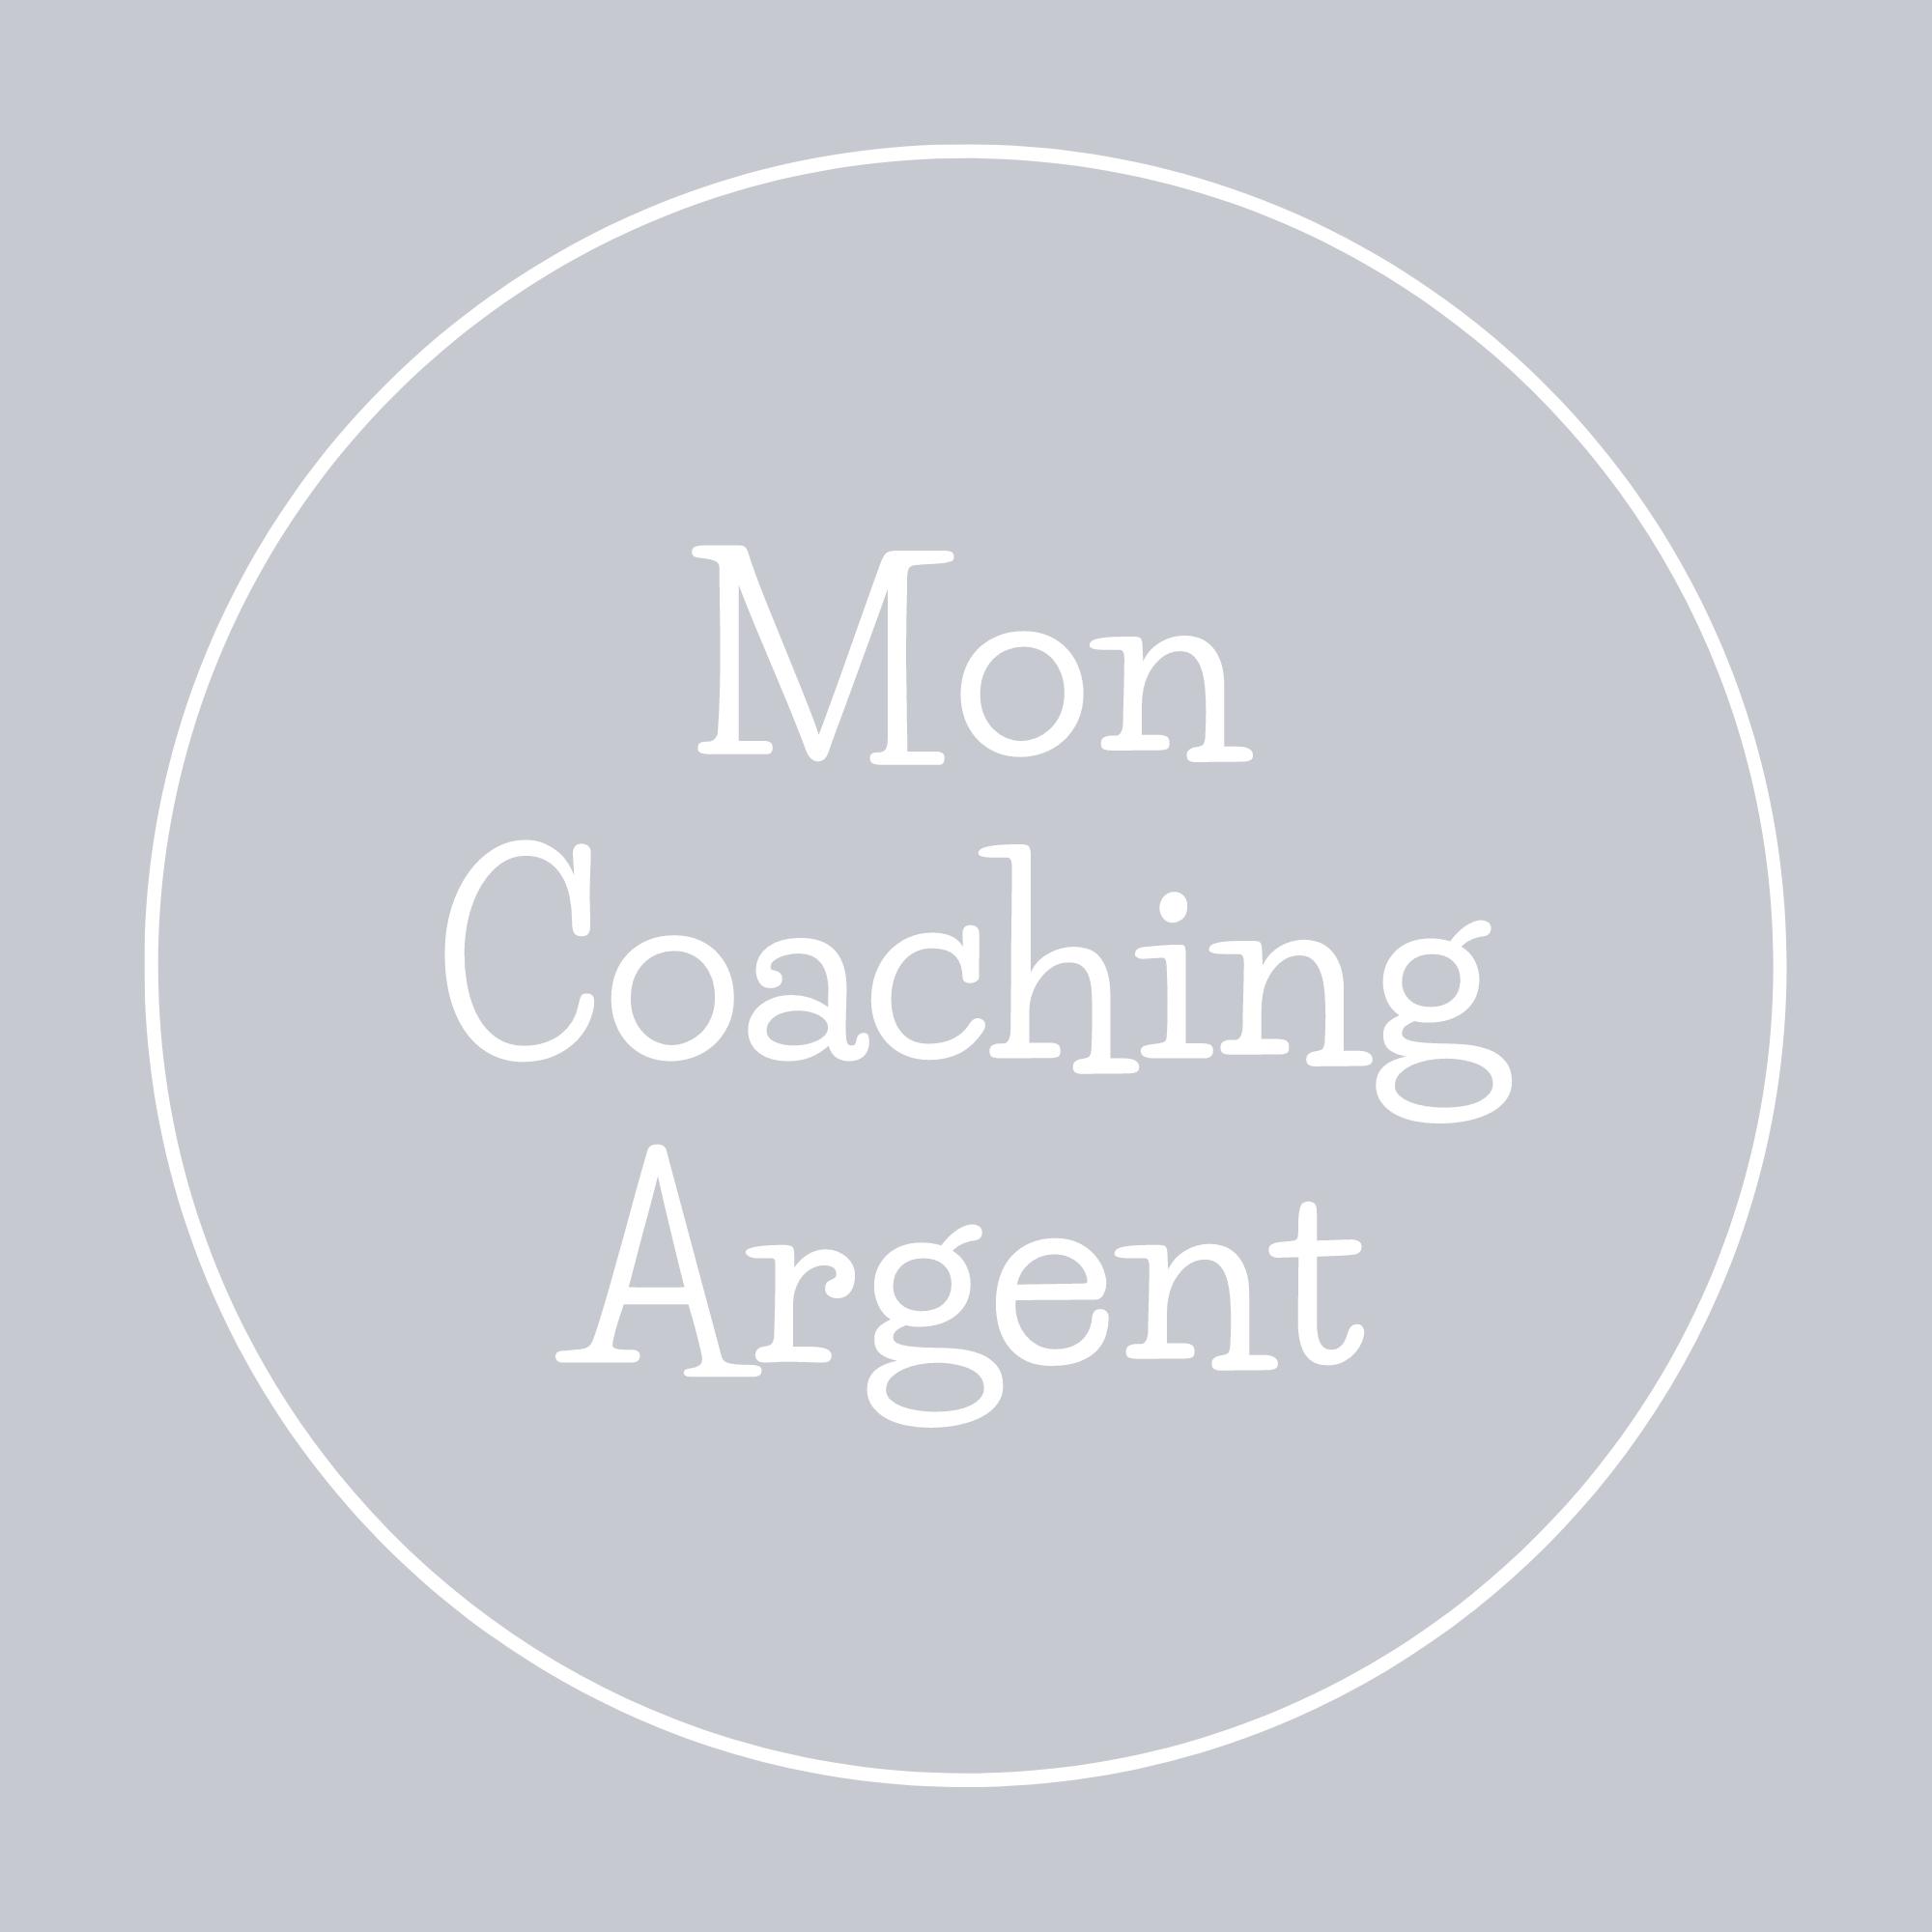 Mon Coaching Argent